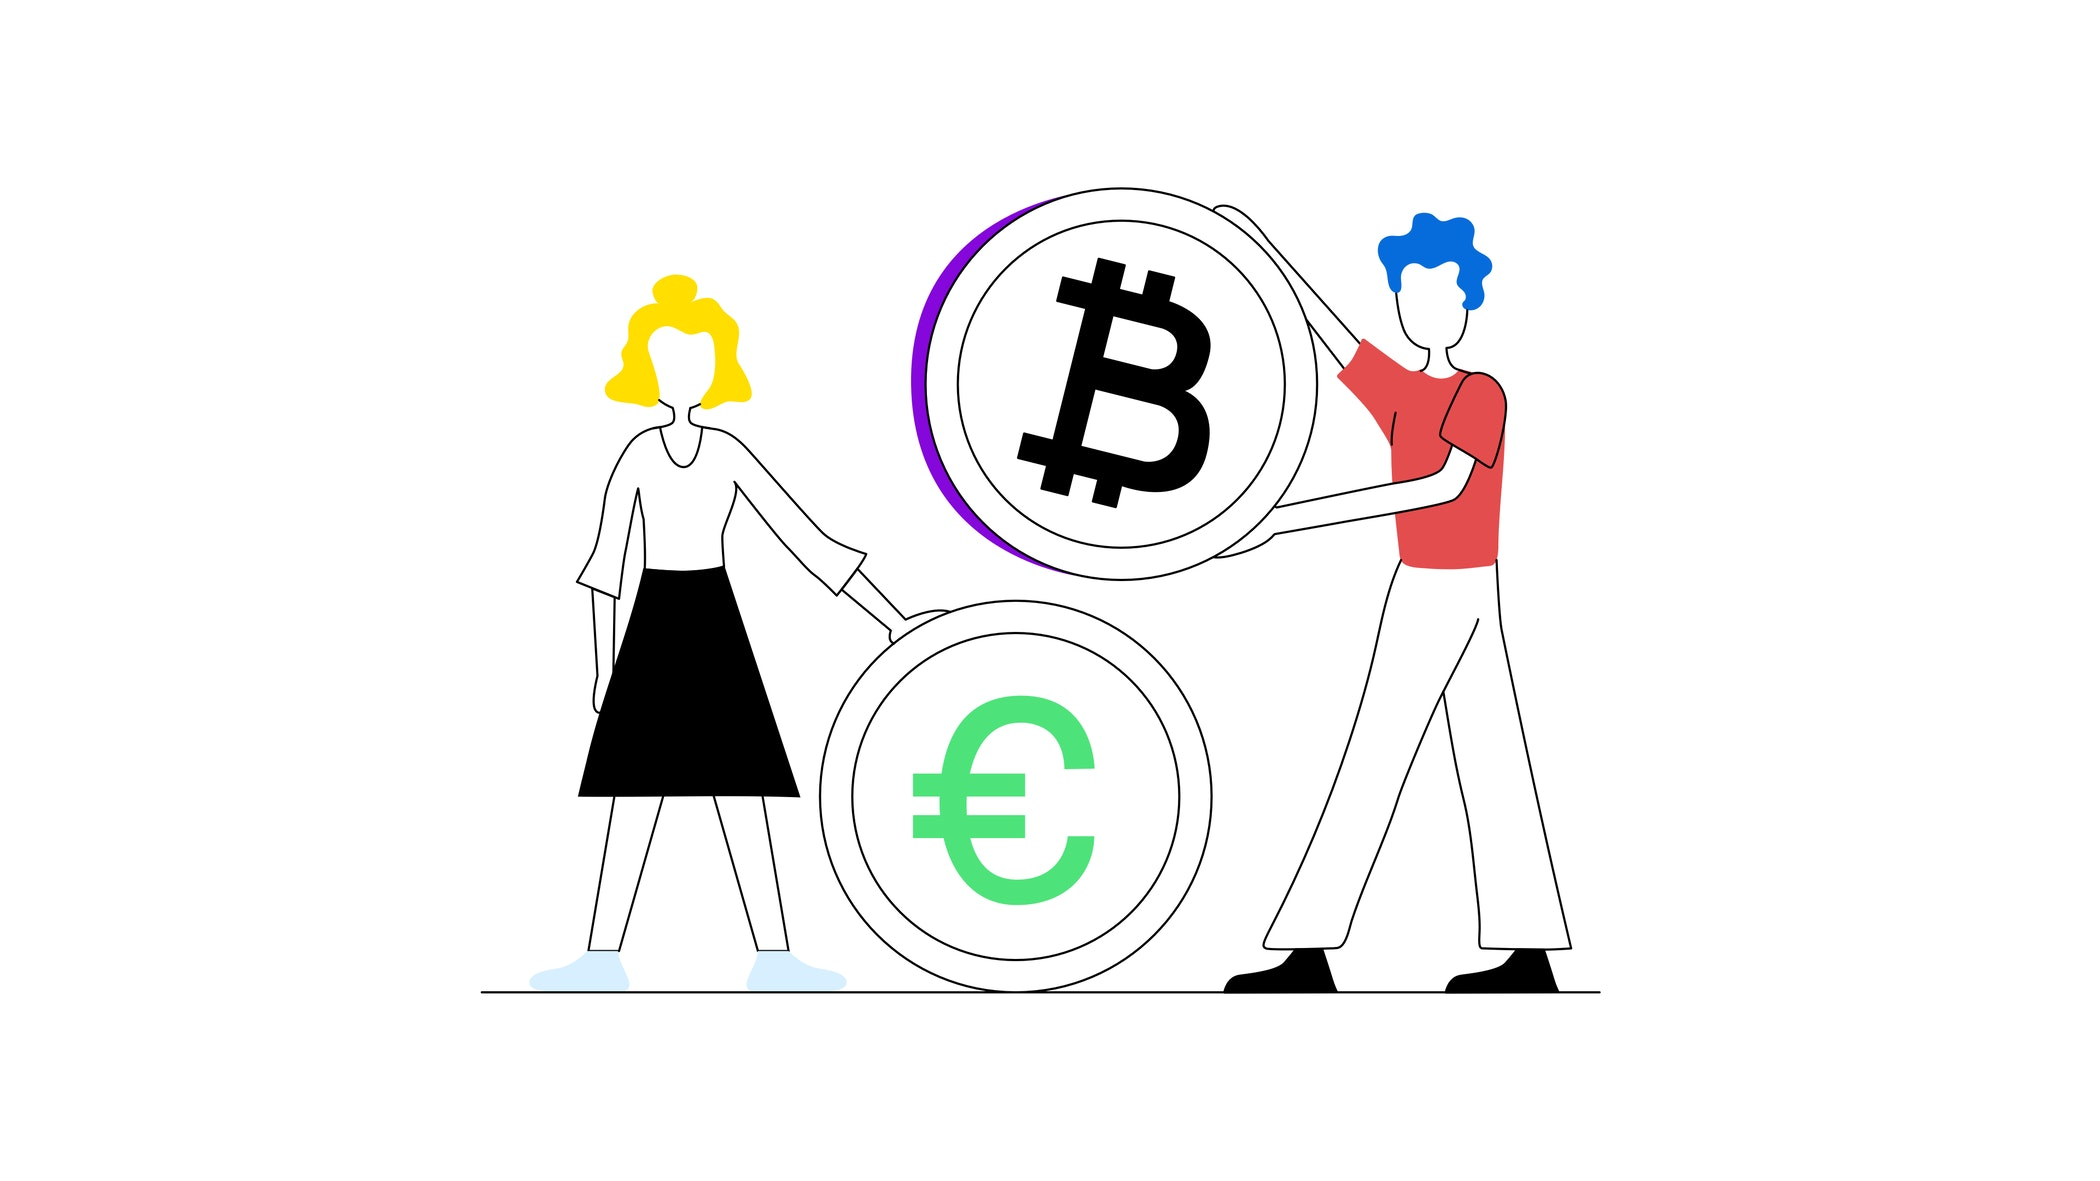 Warum ist Crypto besser als Fiat